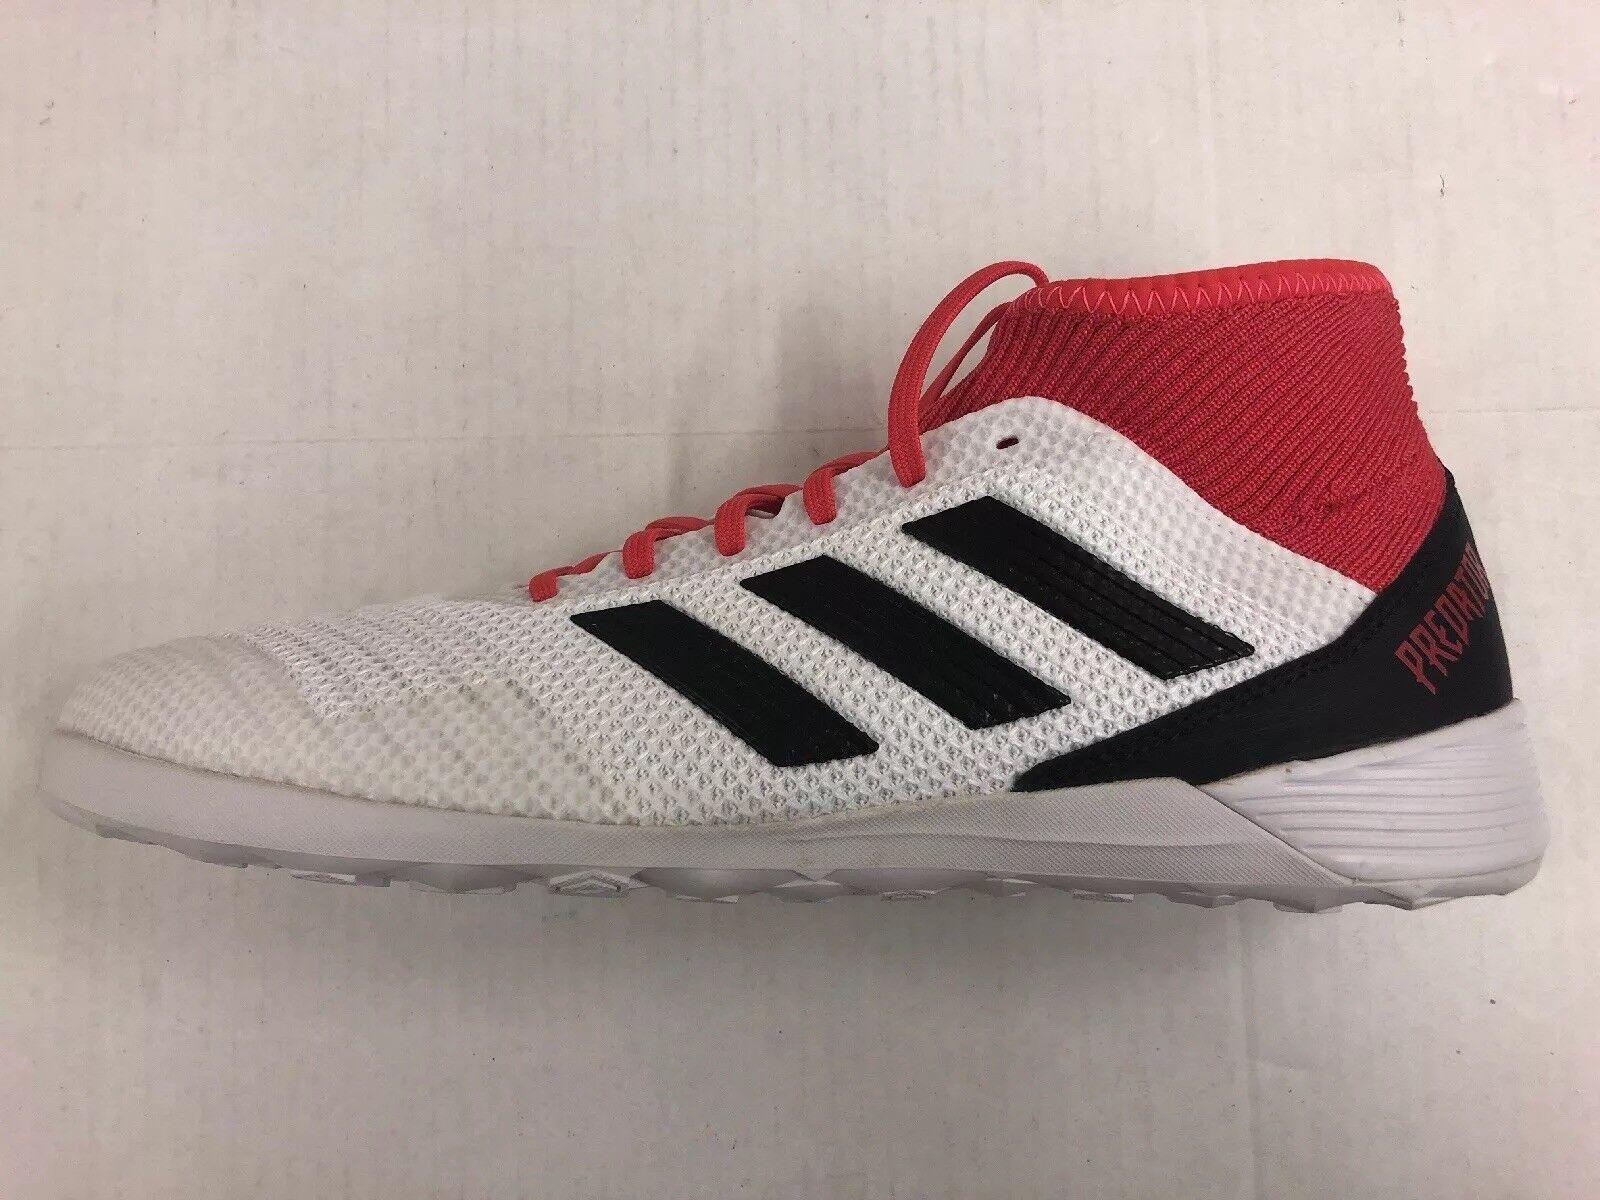 Adidas Predator Tango 18.3 Indoor-Fußballschuhe 11 Weiß / Schwarz / Koralle CP9929 Neu